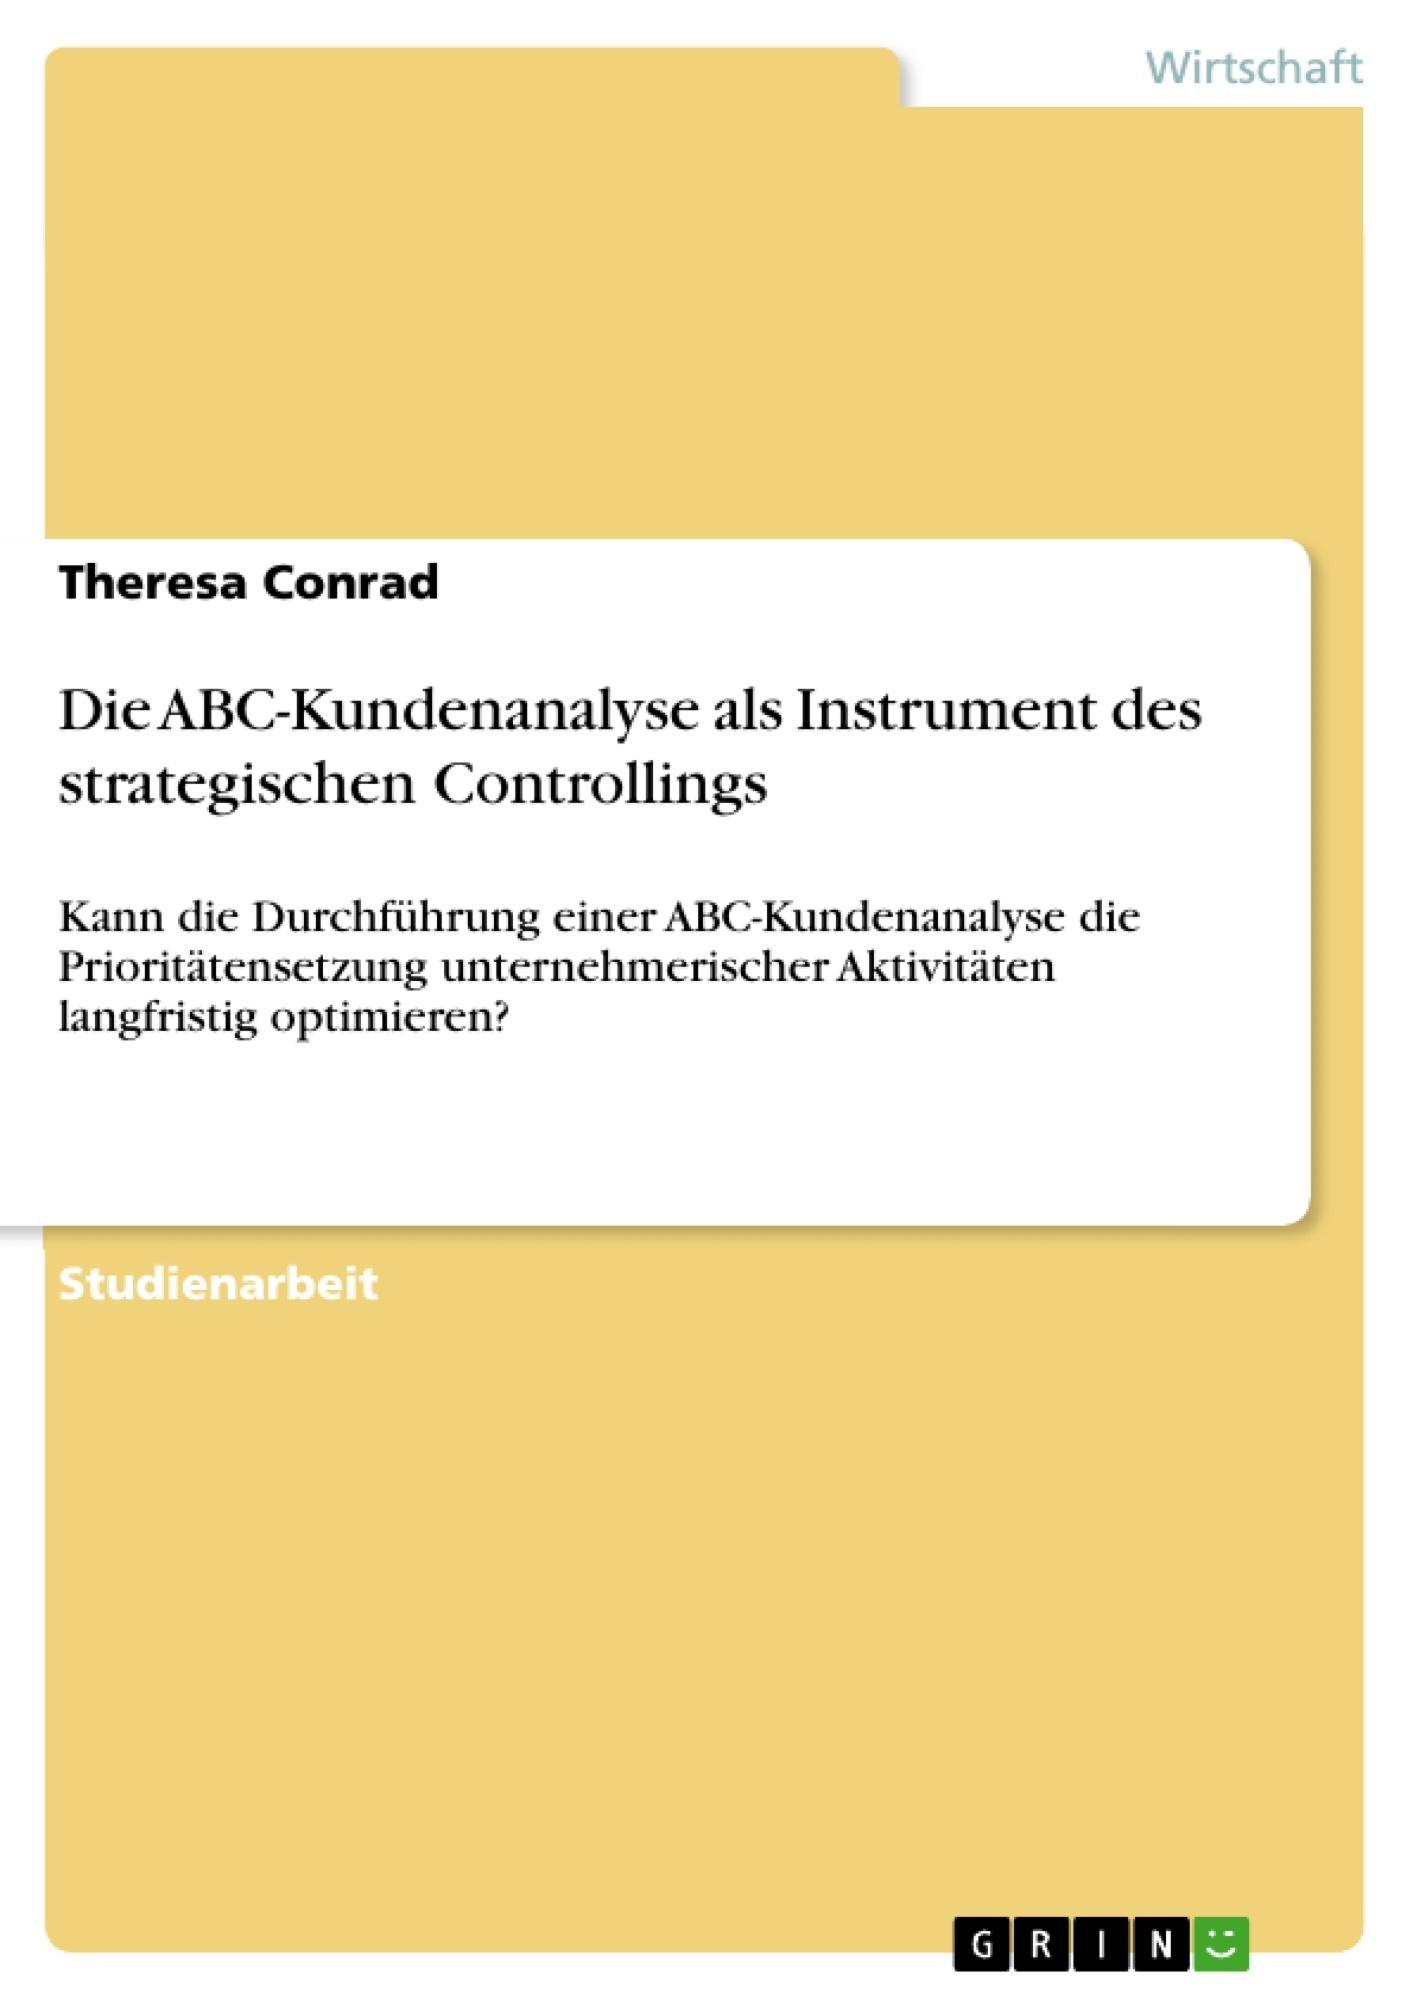 Titel: Die ABC-Kundenanalyse als Instrument des strategischen Controllings